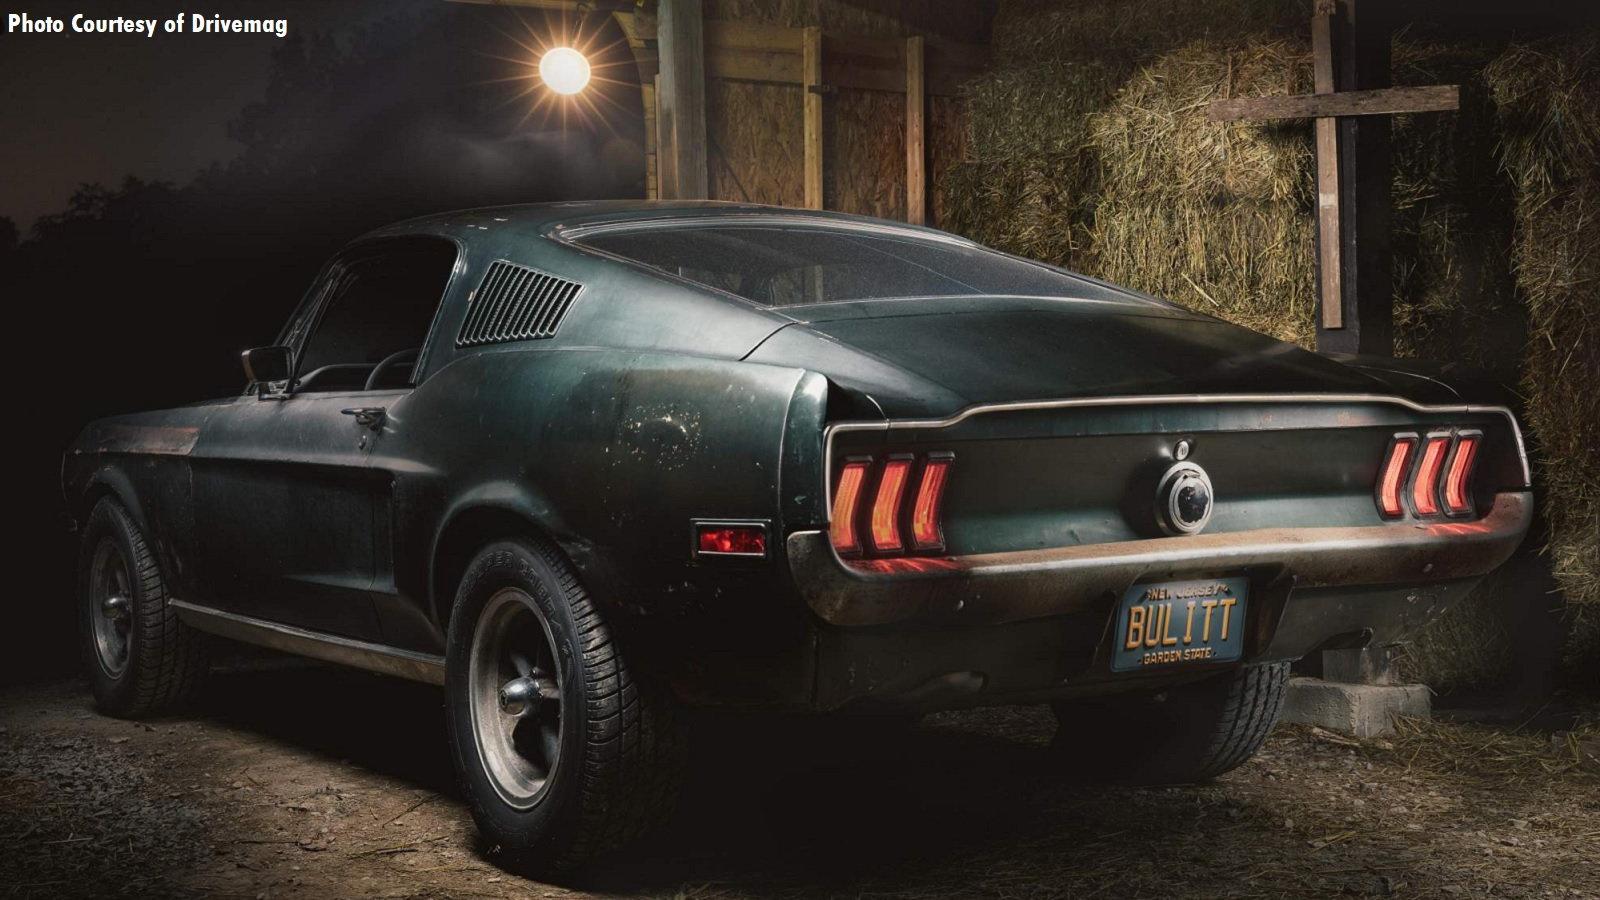 Bullitt Mustang Back After 40 Years